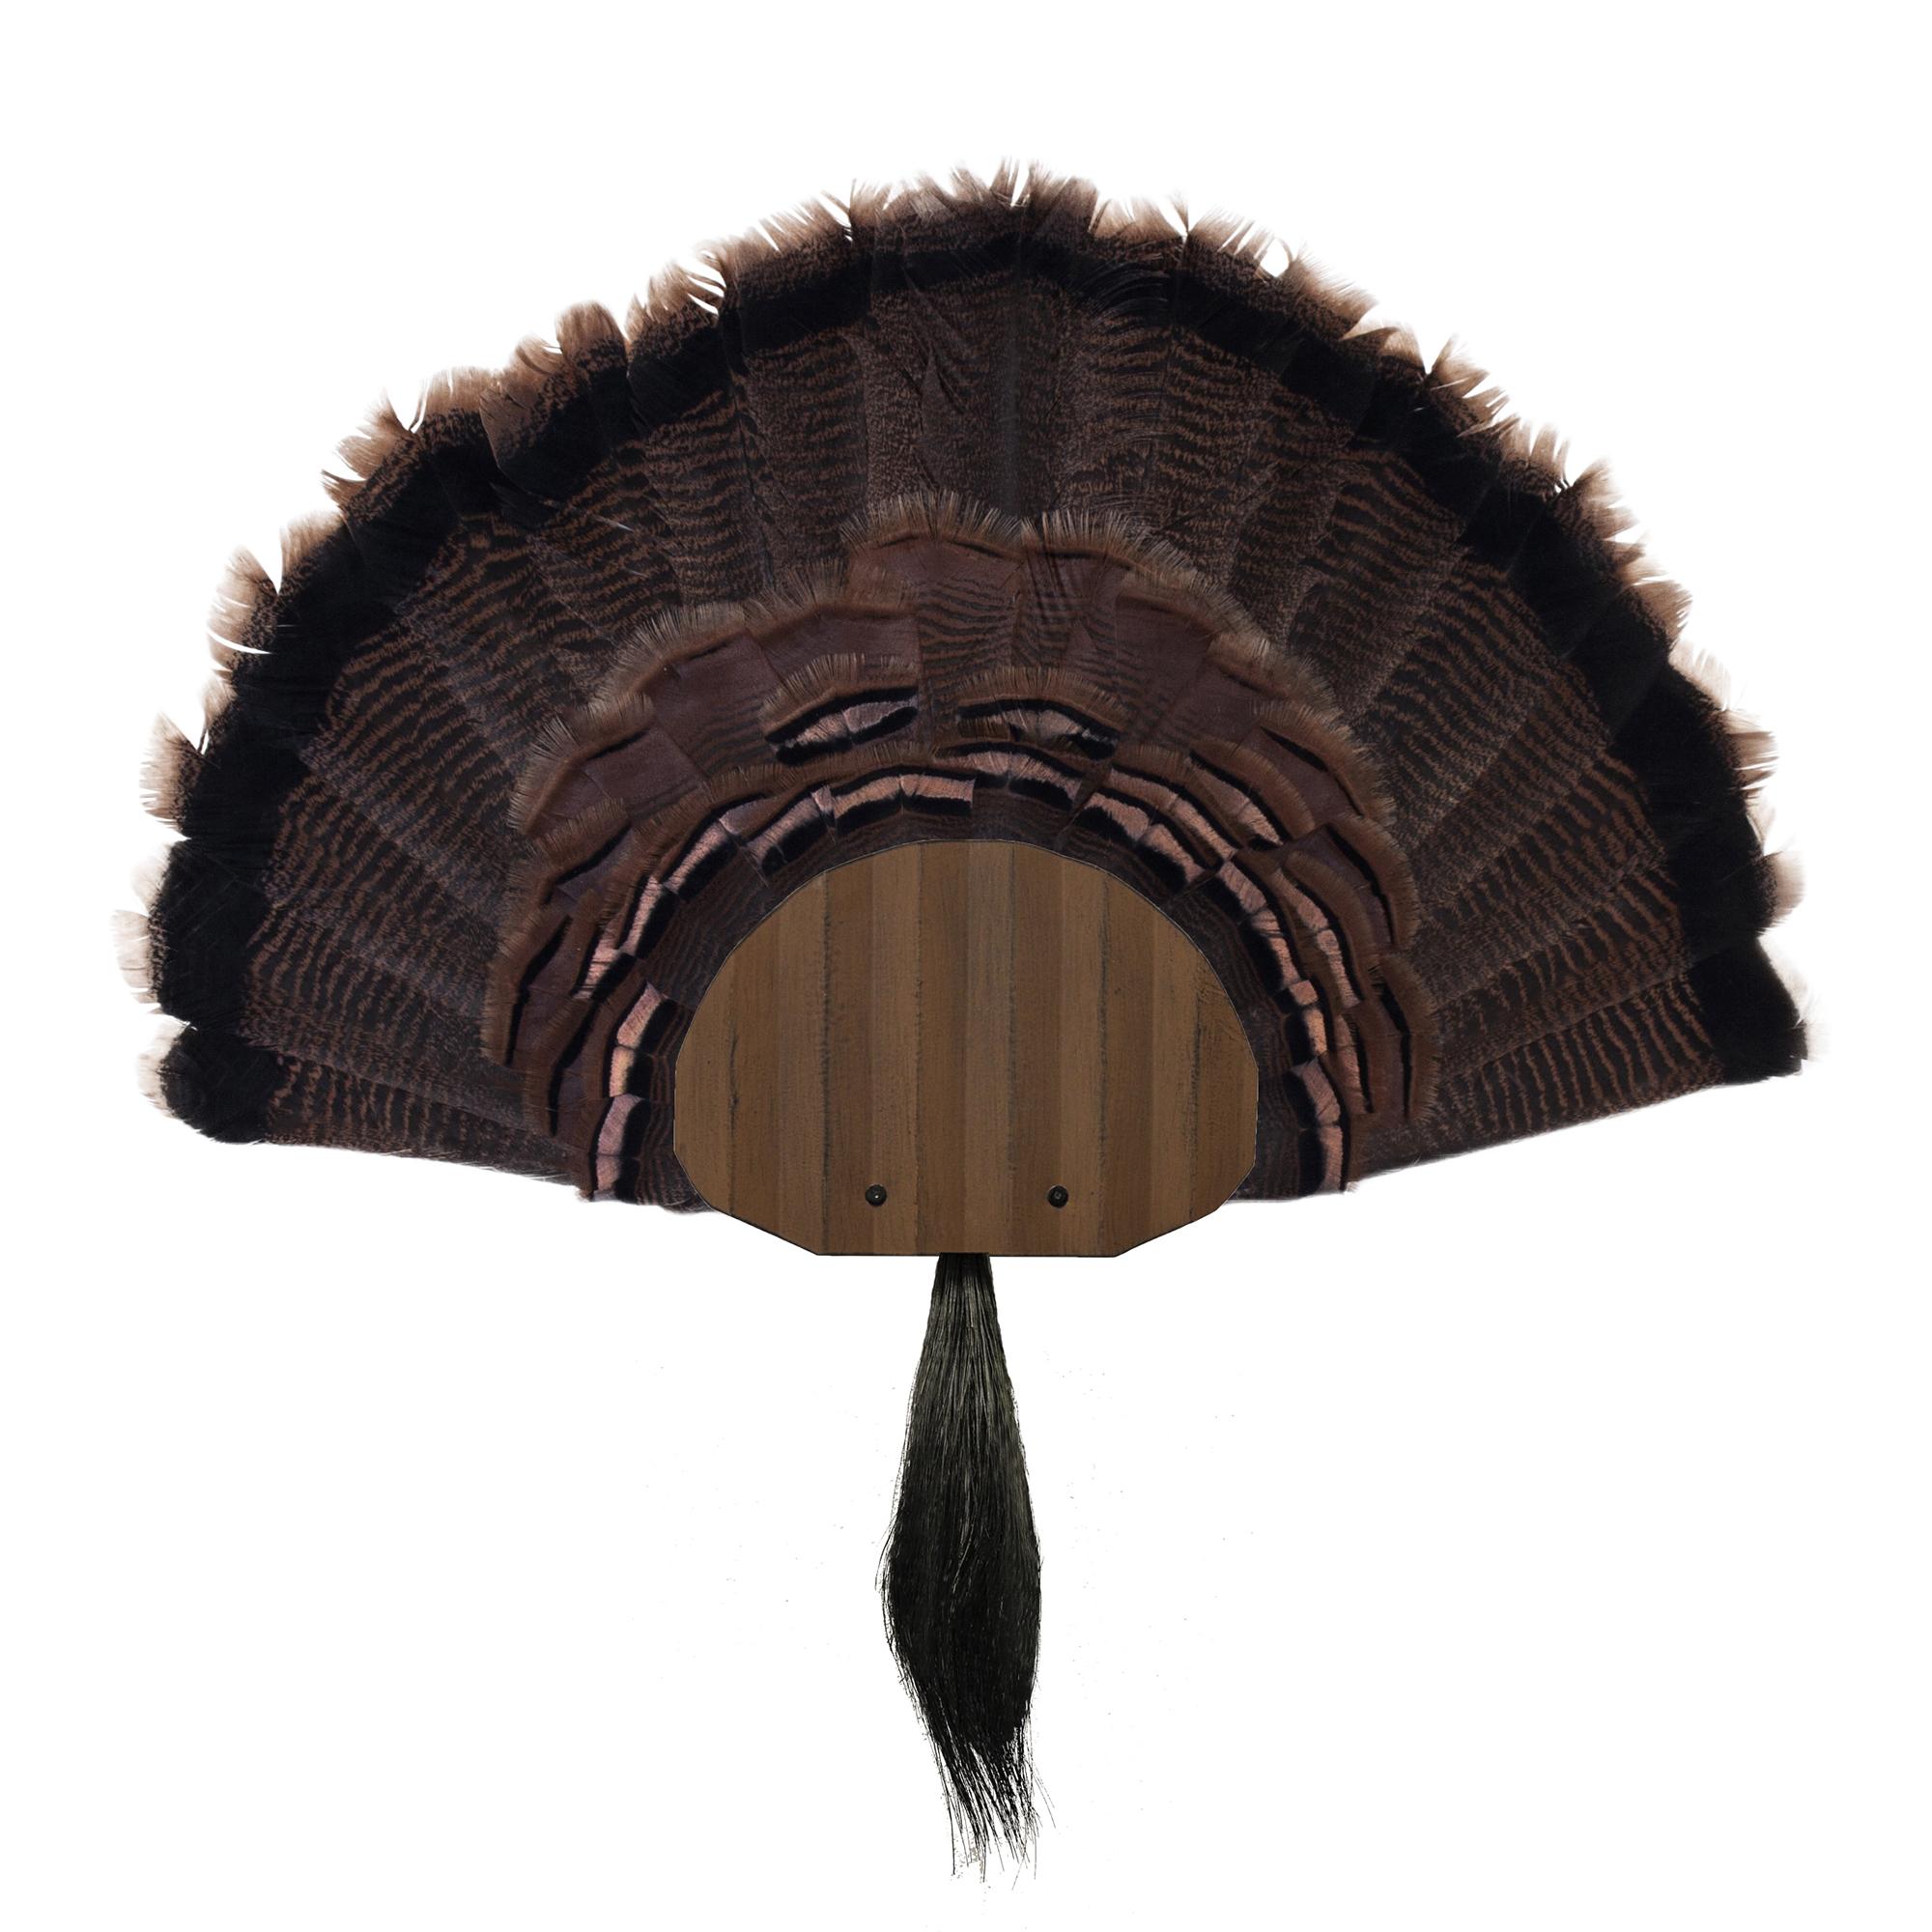 Walnut Hollow Metal Turkey Mounting Kit, Brown